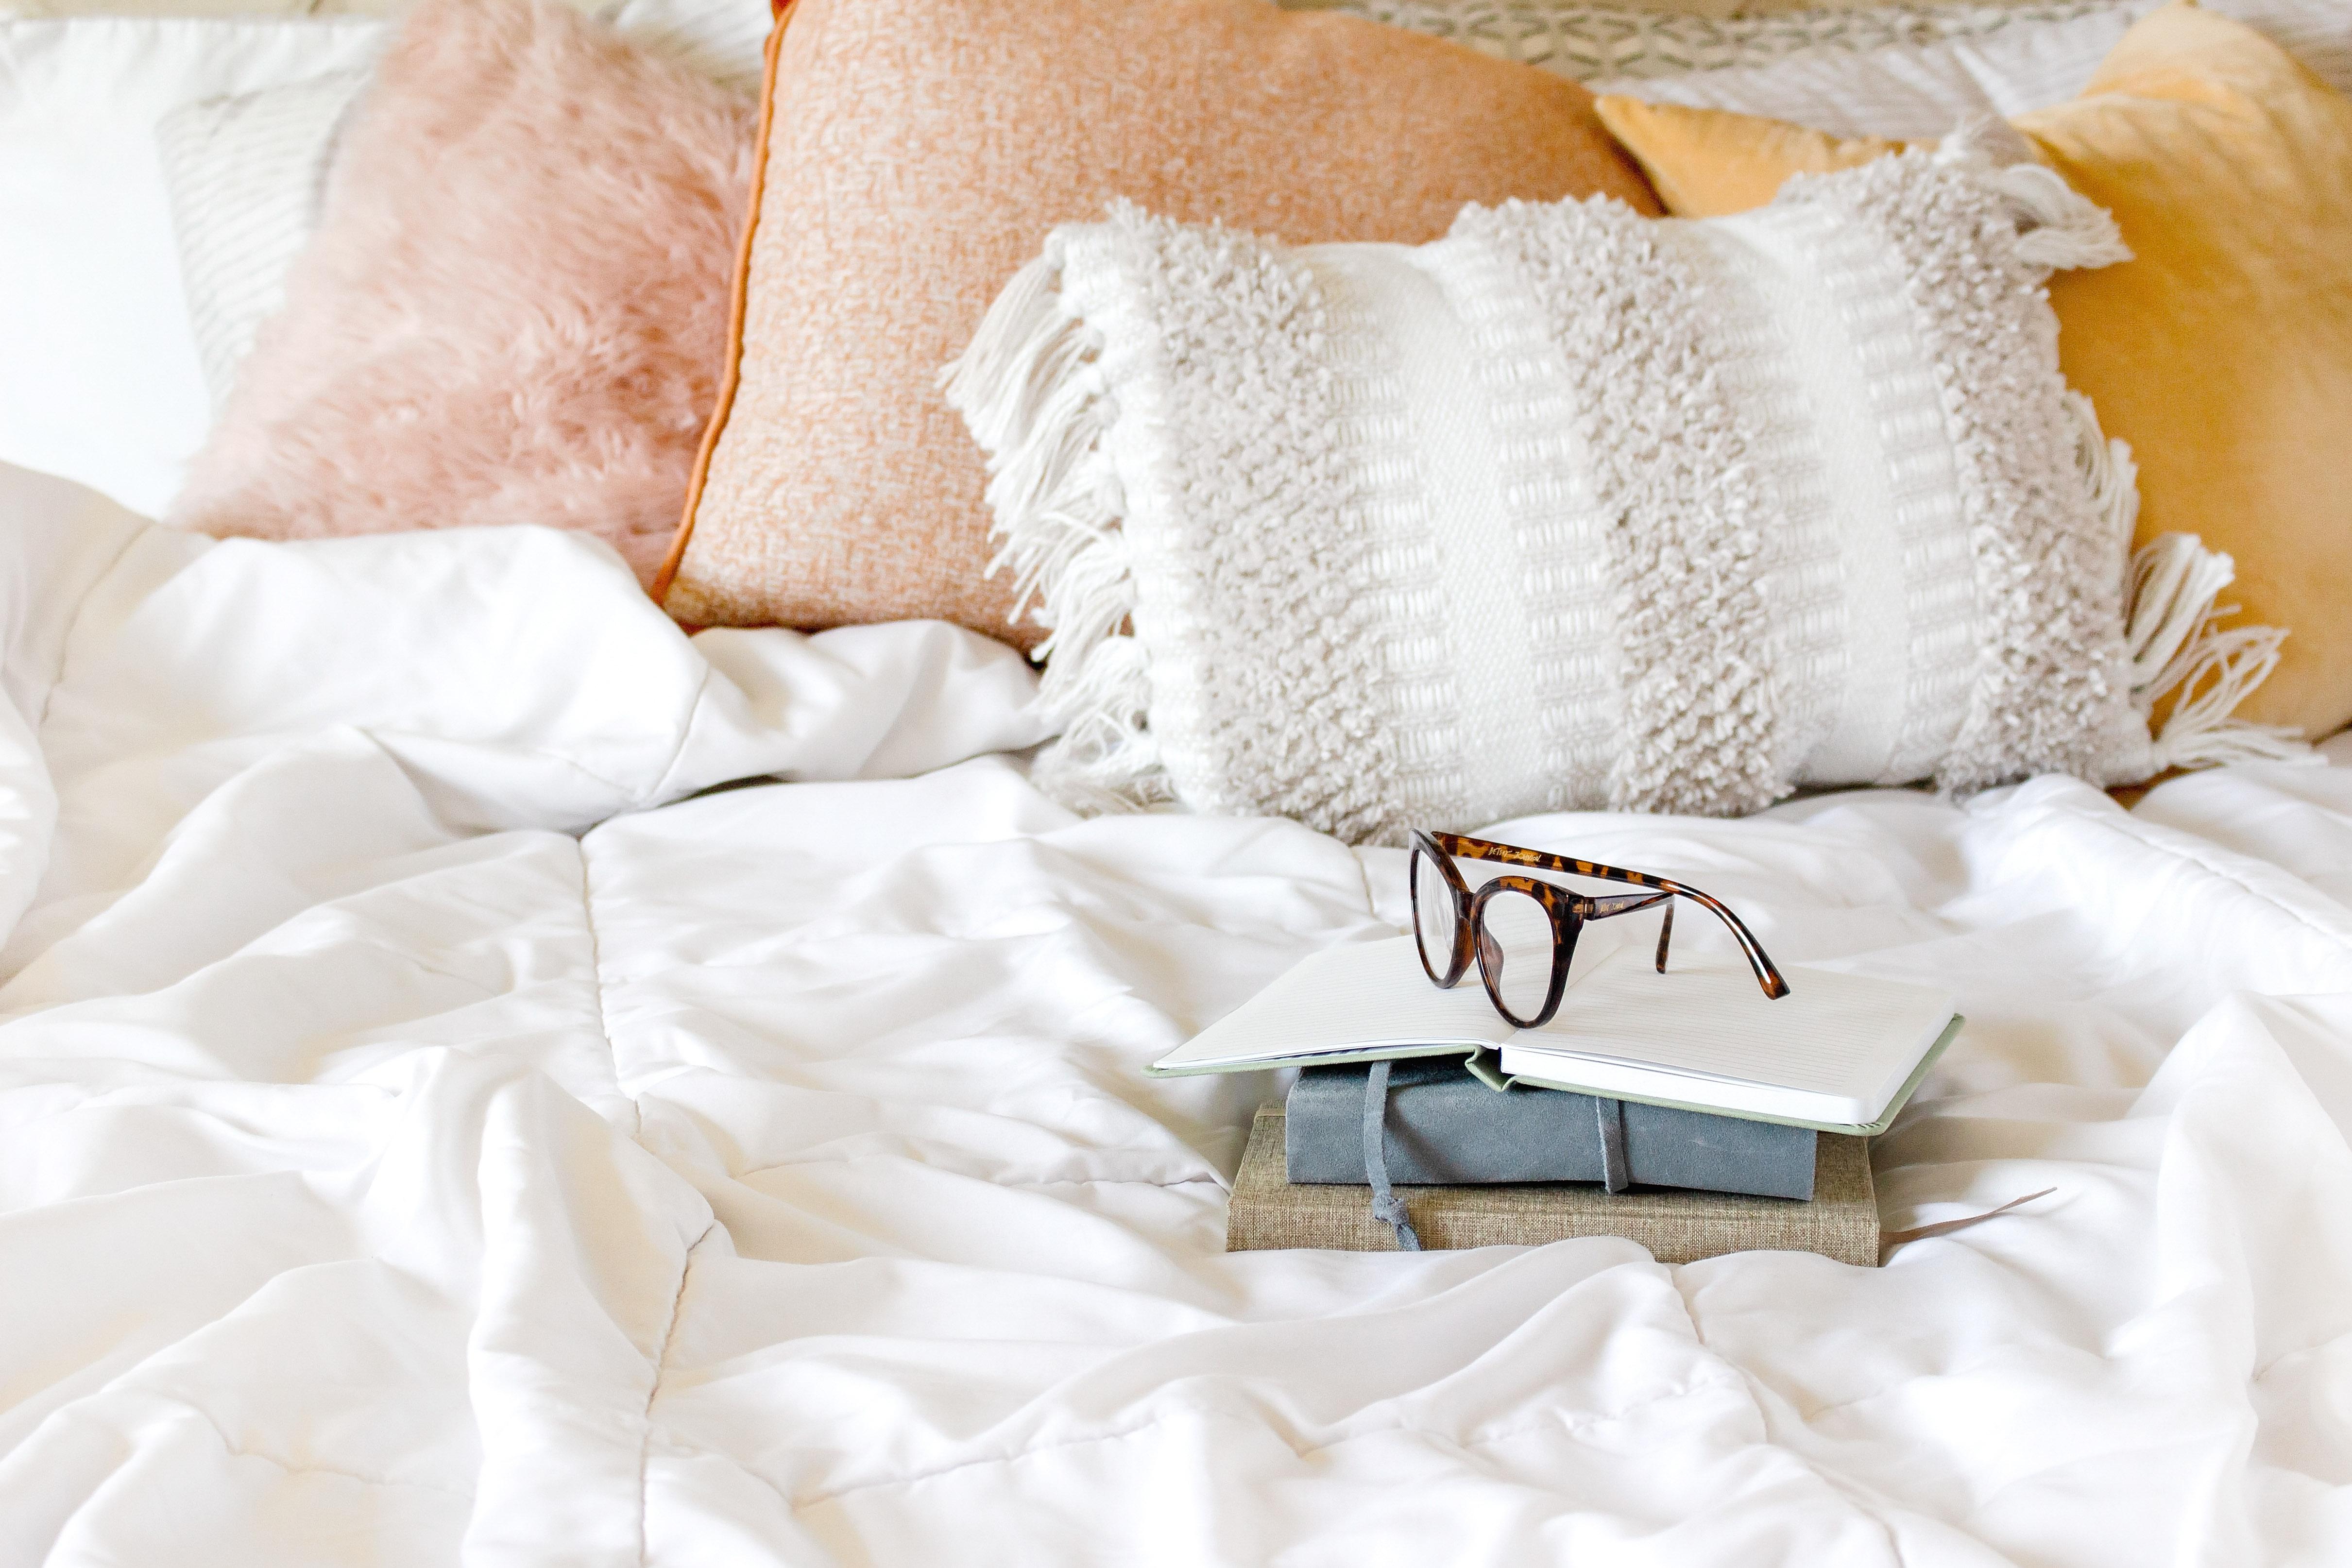 Gjestebriller -Hvordan rydde før du får gjester